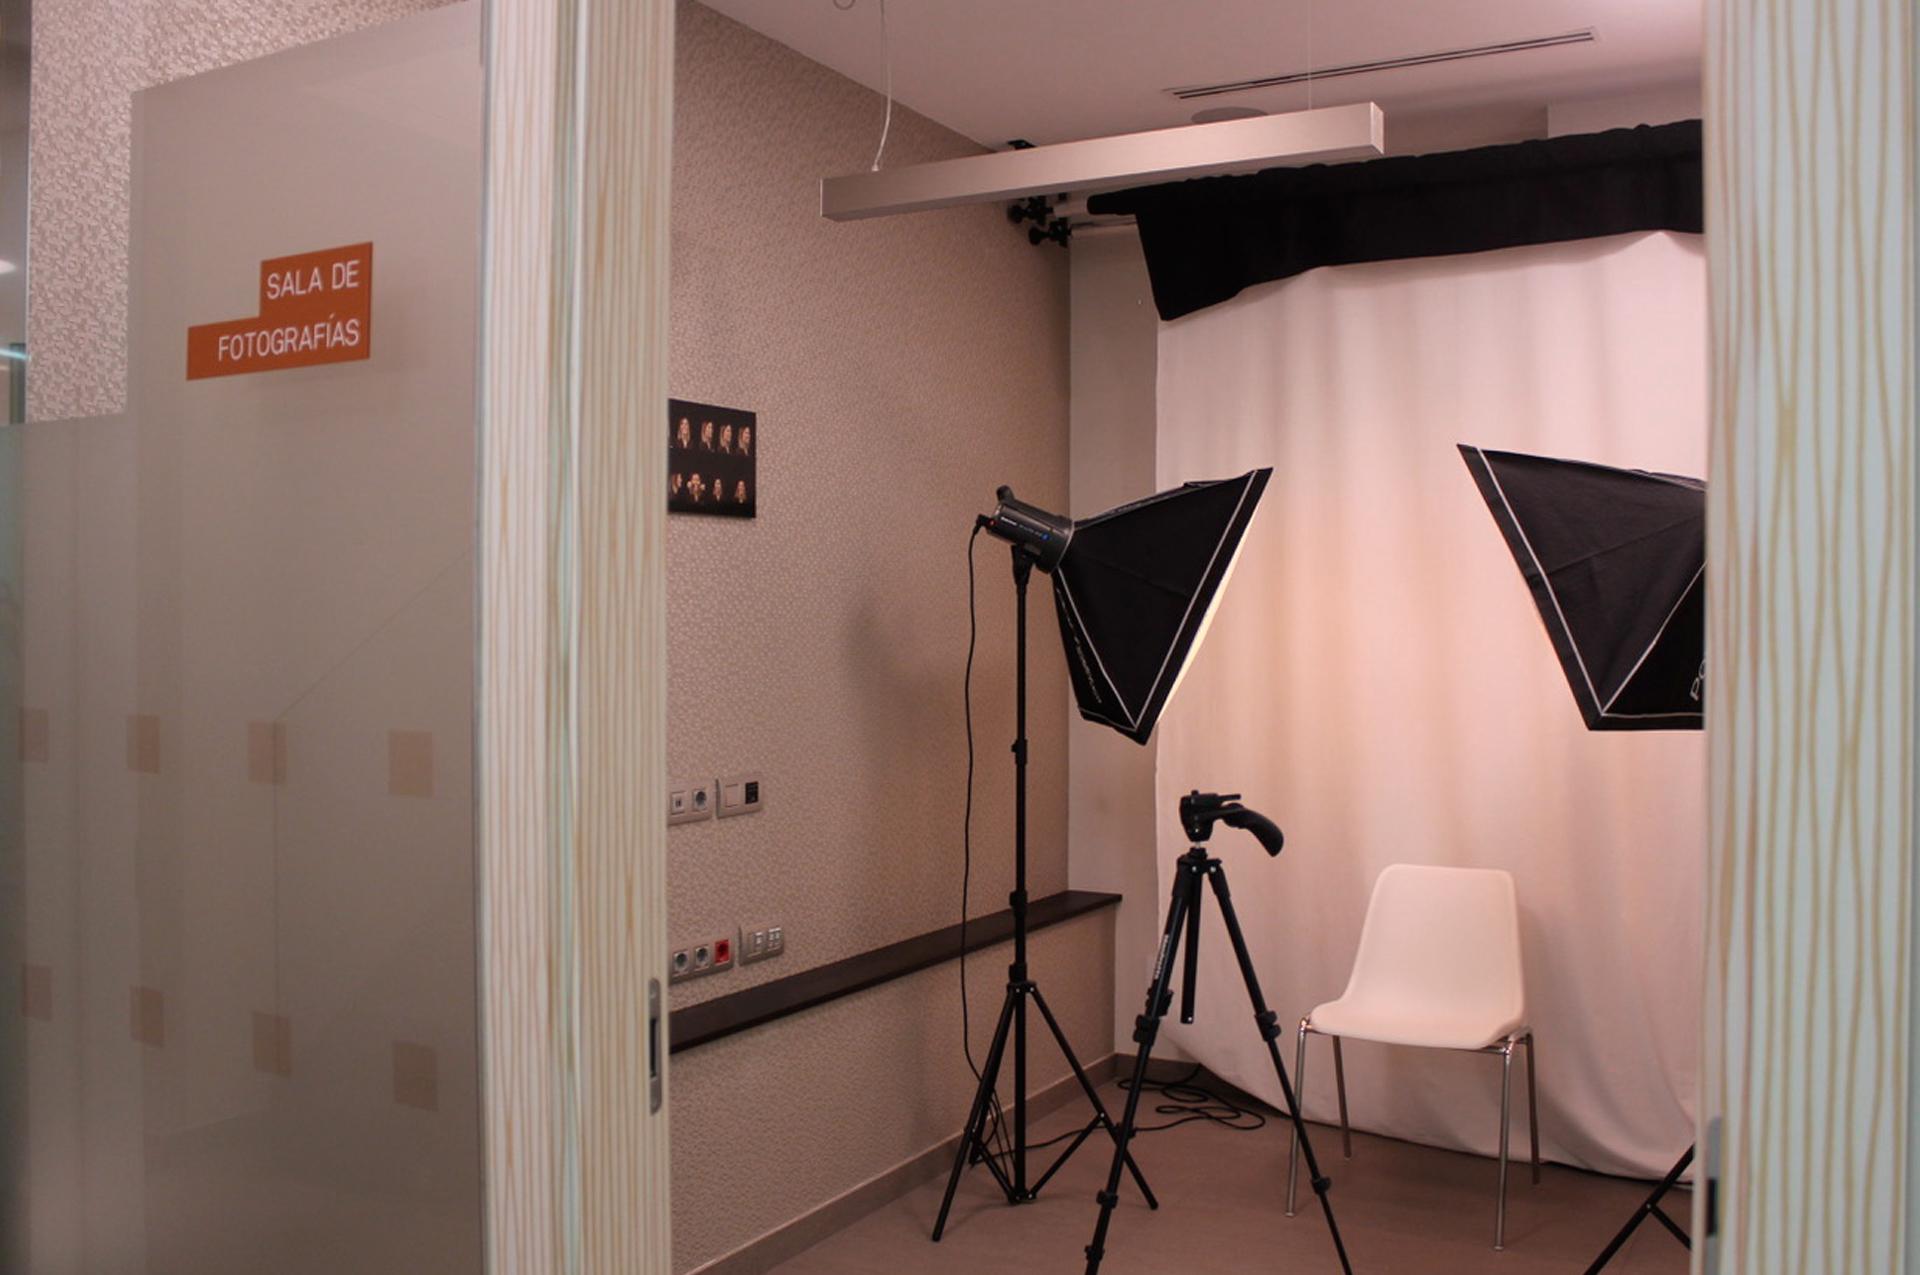 estudio-fotografico-clinica-blanco-ramos-01